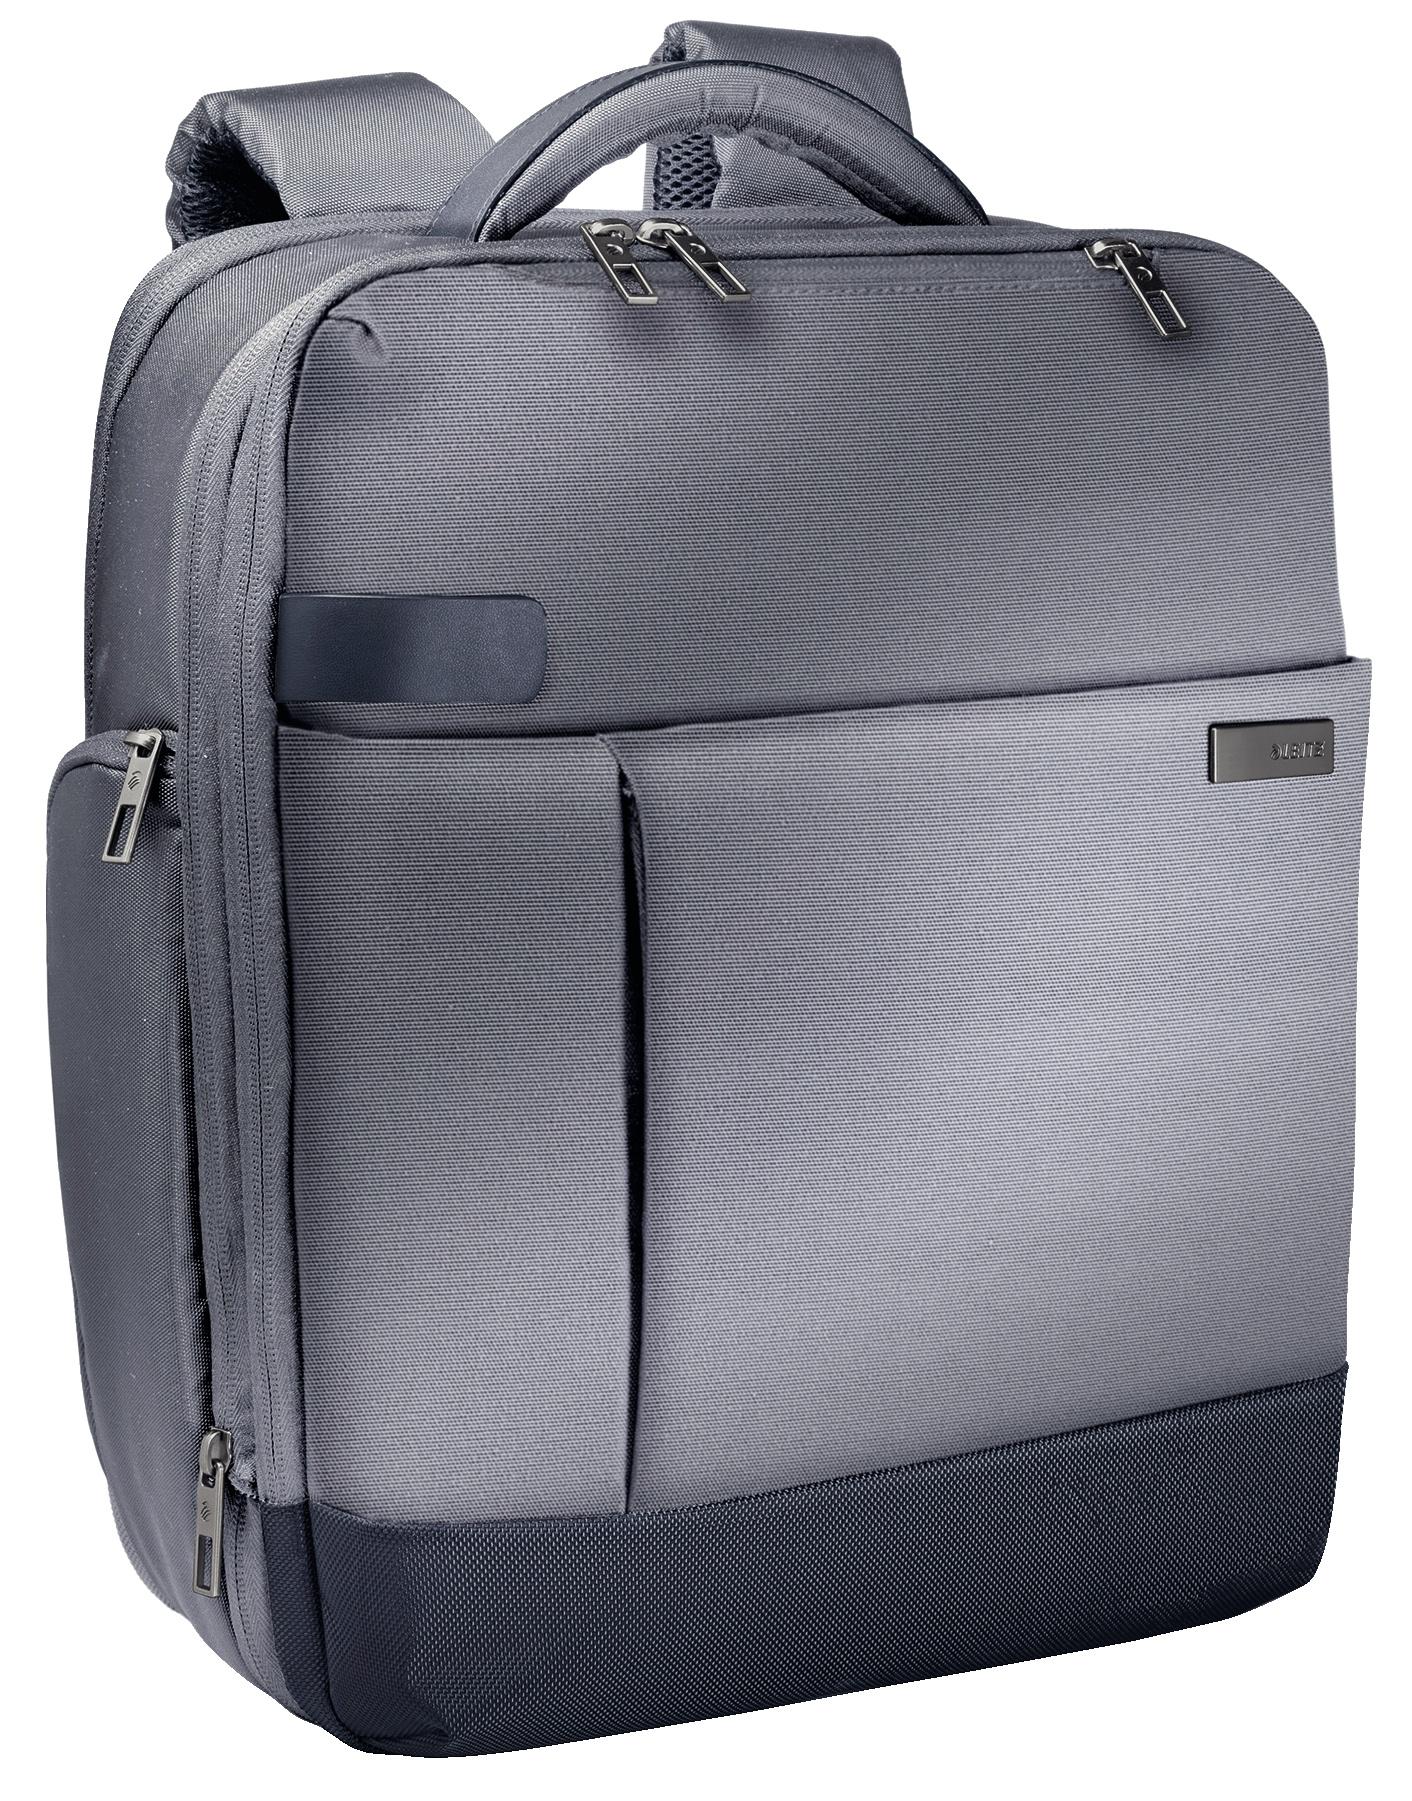 Рюкзак для ноутбука Apple MacBook и Ultrabook 15,6, серебристо-серый,Leitz